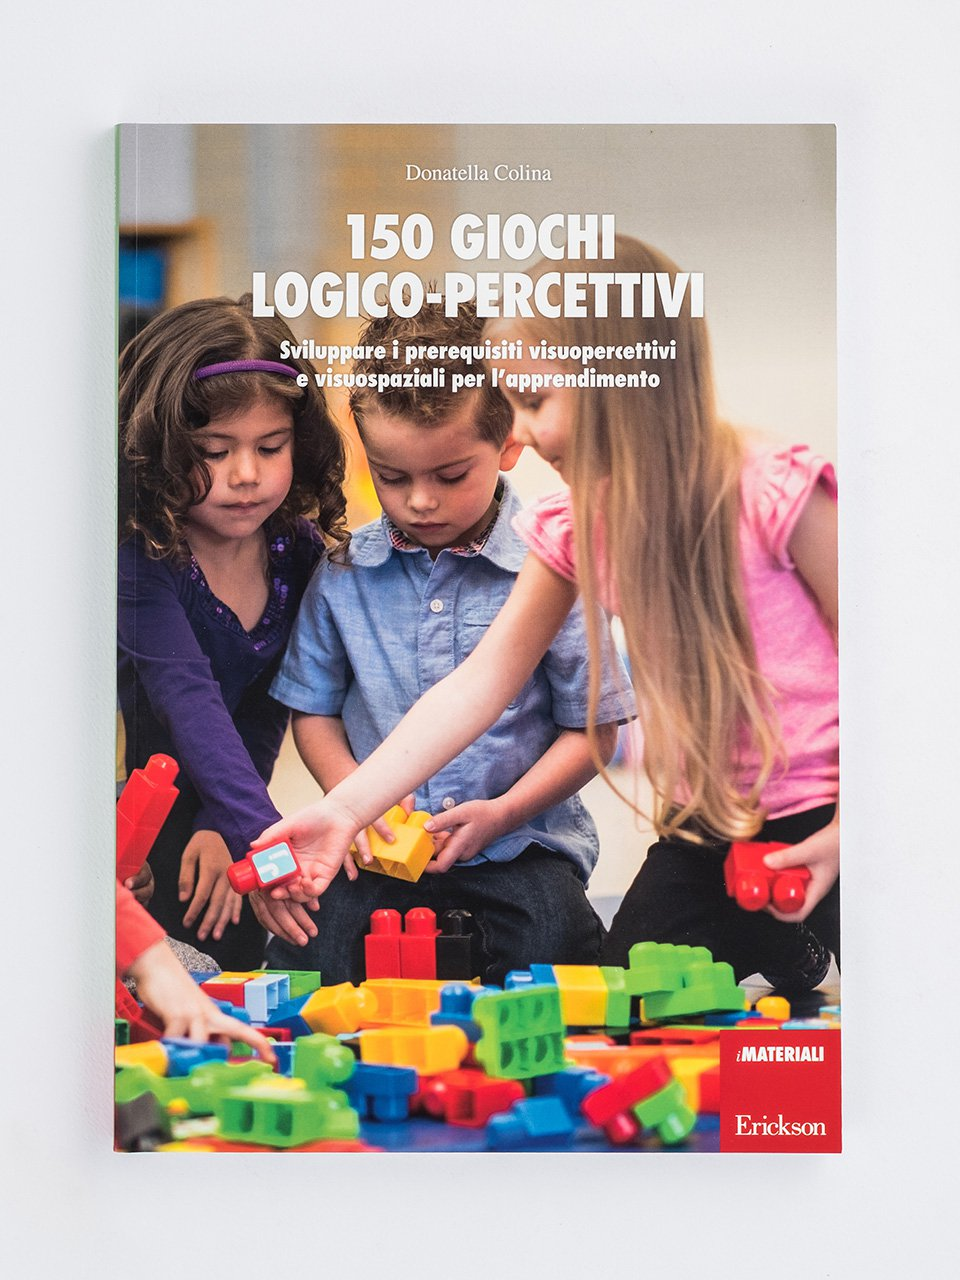 150 giochi logico-percettivi - TACTOO - Giochi - Erickson